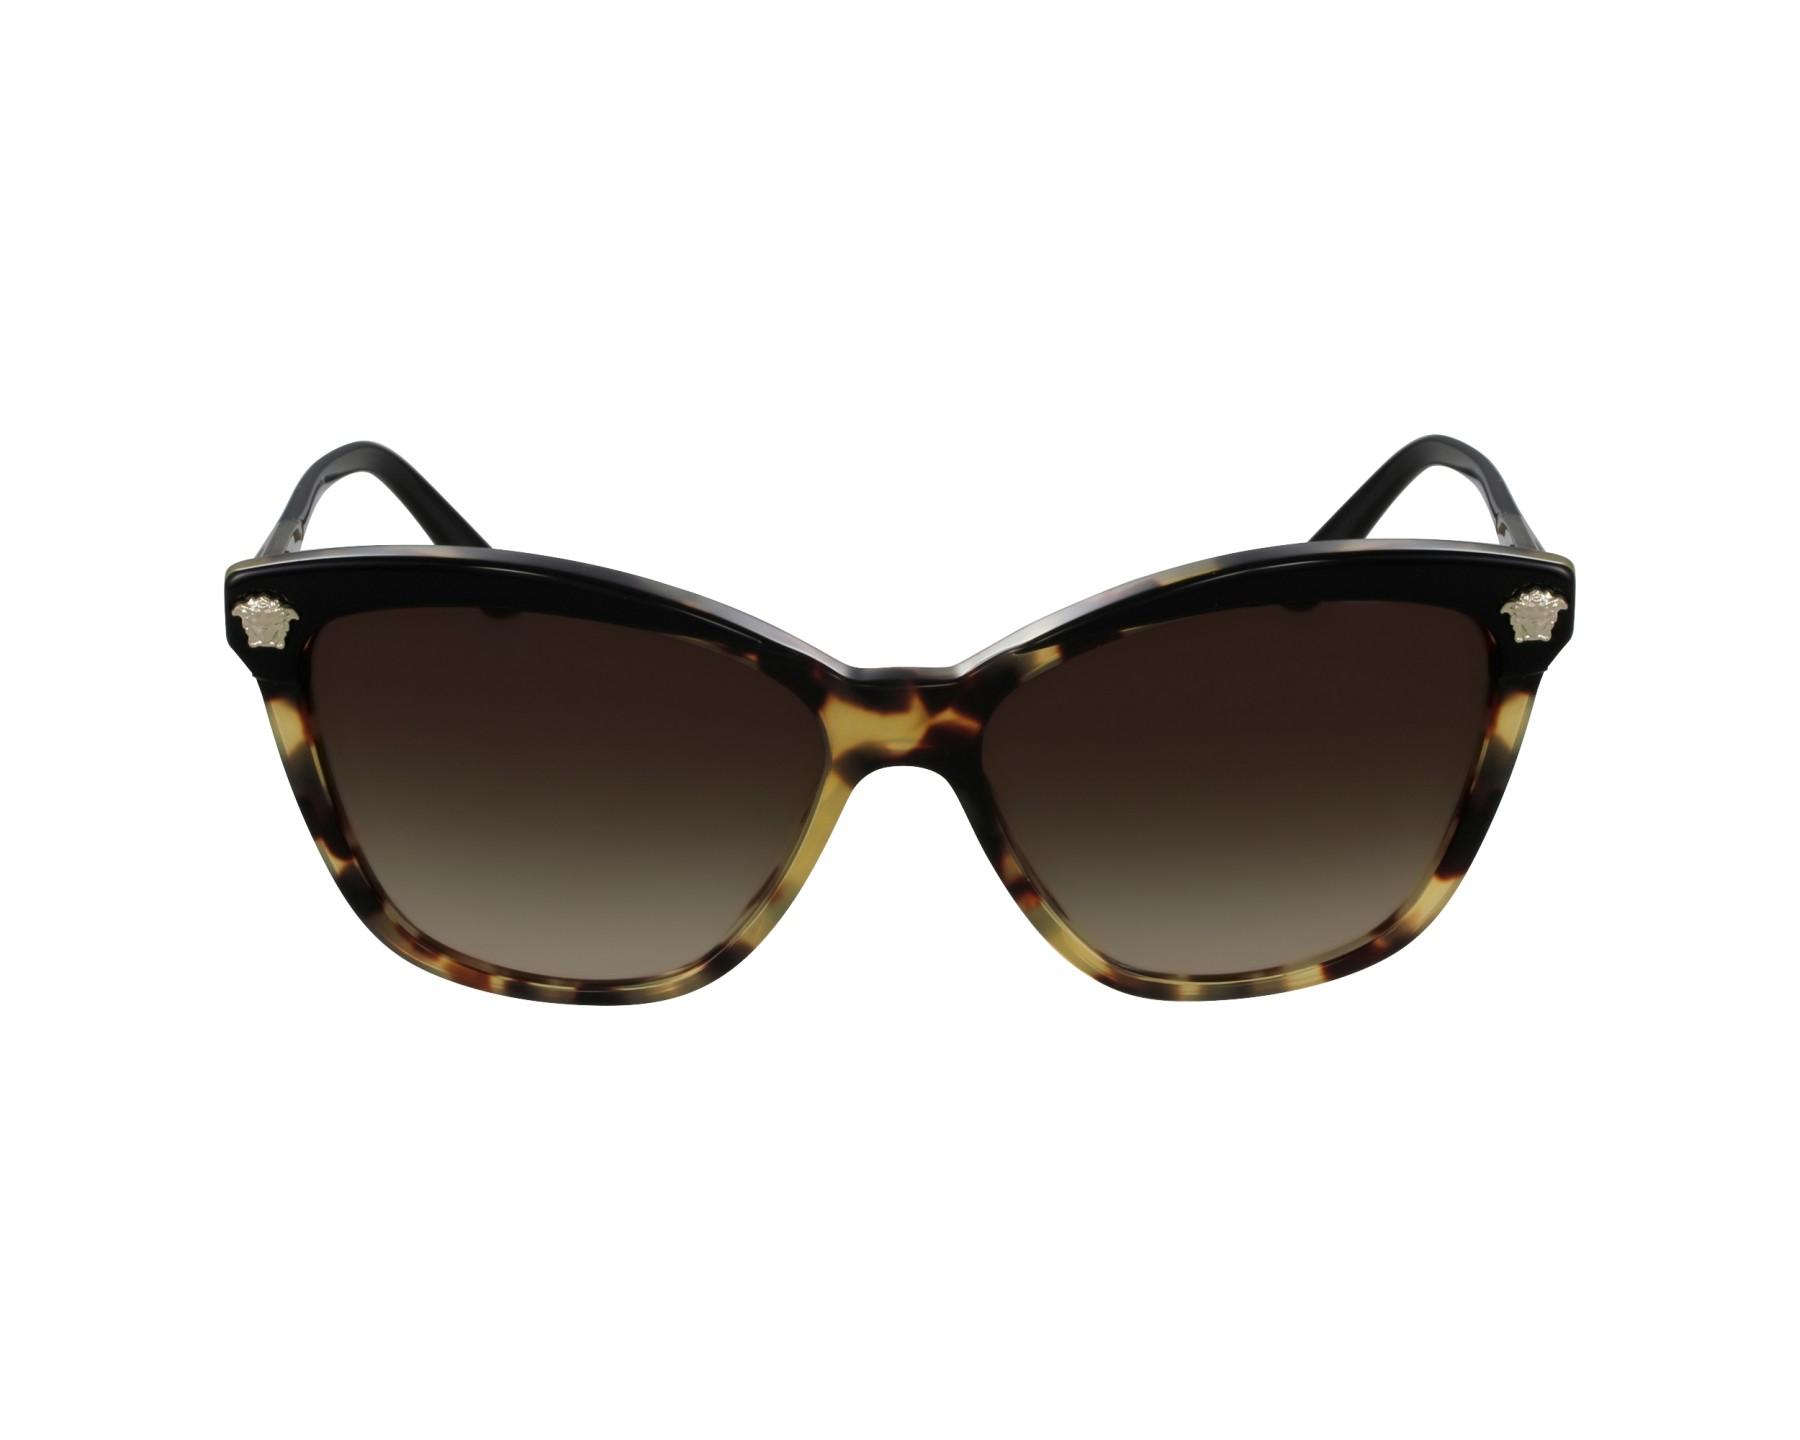 Versace VE4313 Sonnenbrille Schwarz und Havanna 5177/13 57mm K5m9J